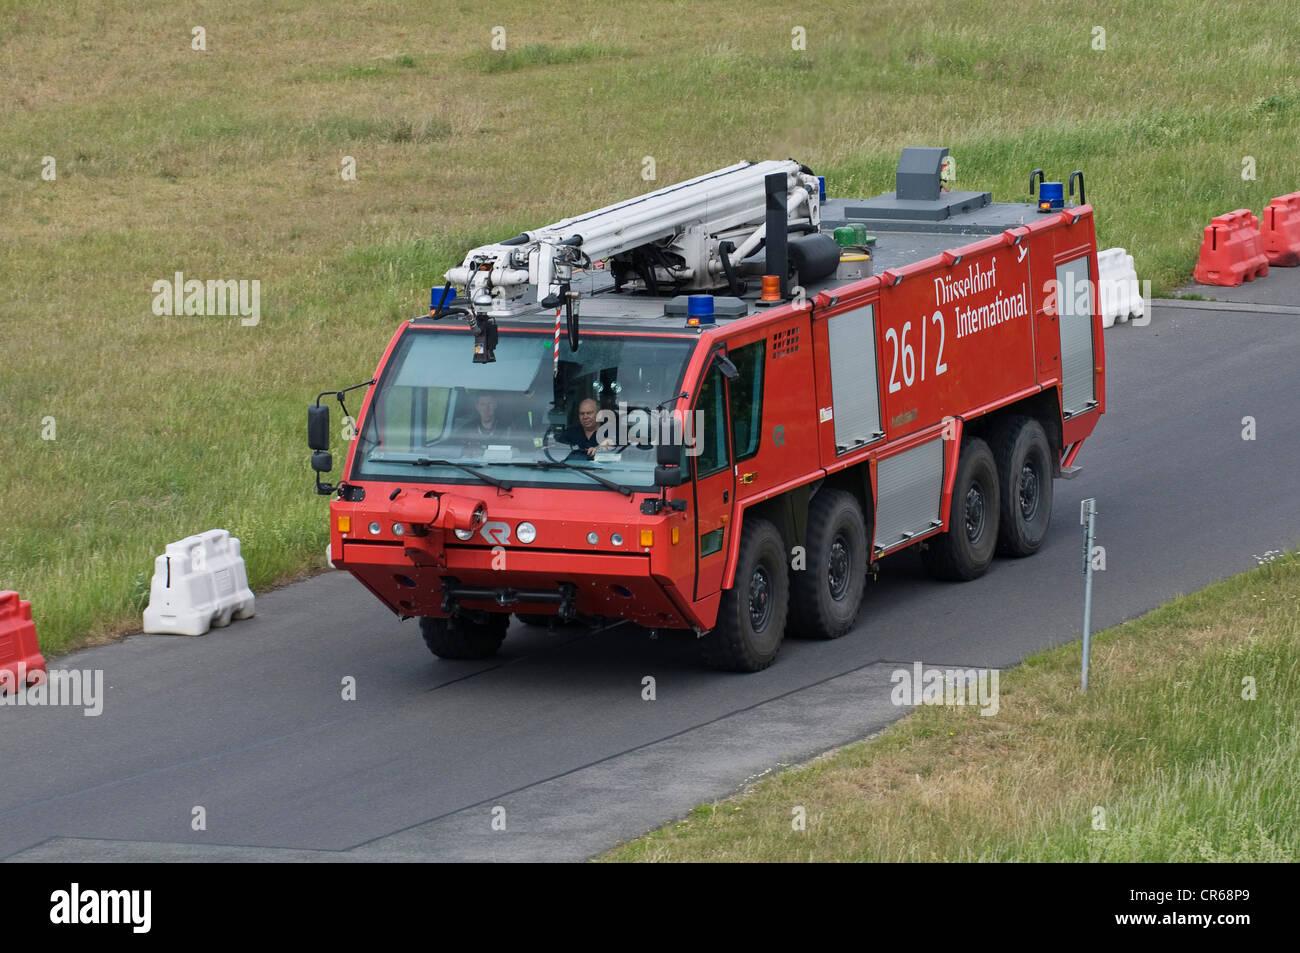 Einsatzfahrzeug der Feuerwehr, Flughafen Düsseldorf International, Düsseldorf, Nordrhein-Westfalen, Deutschland, Stockbild